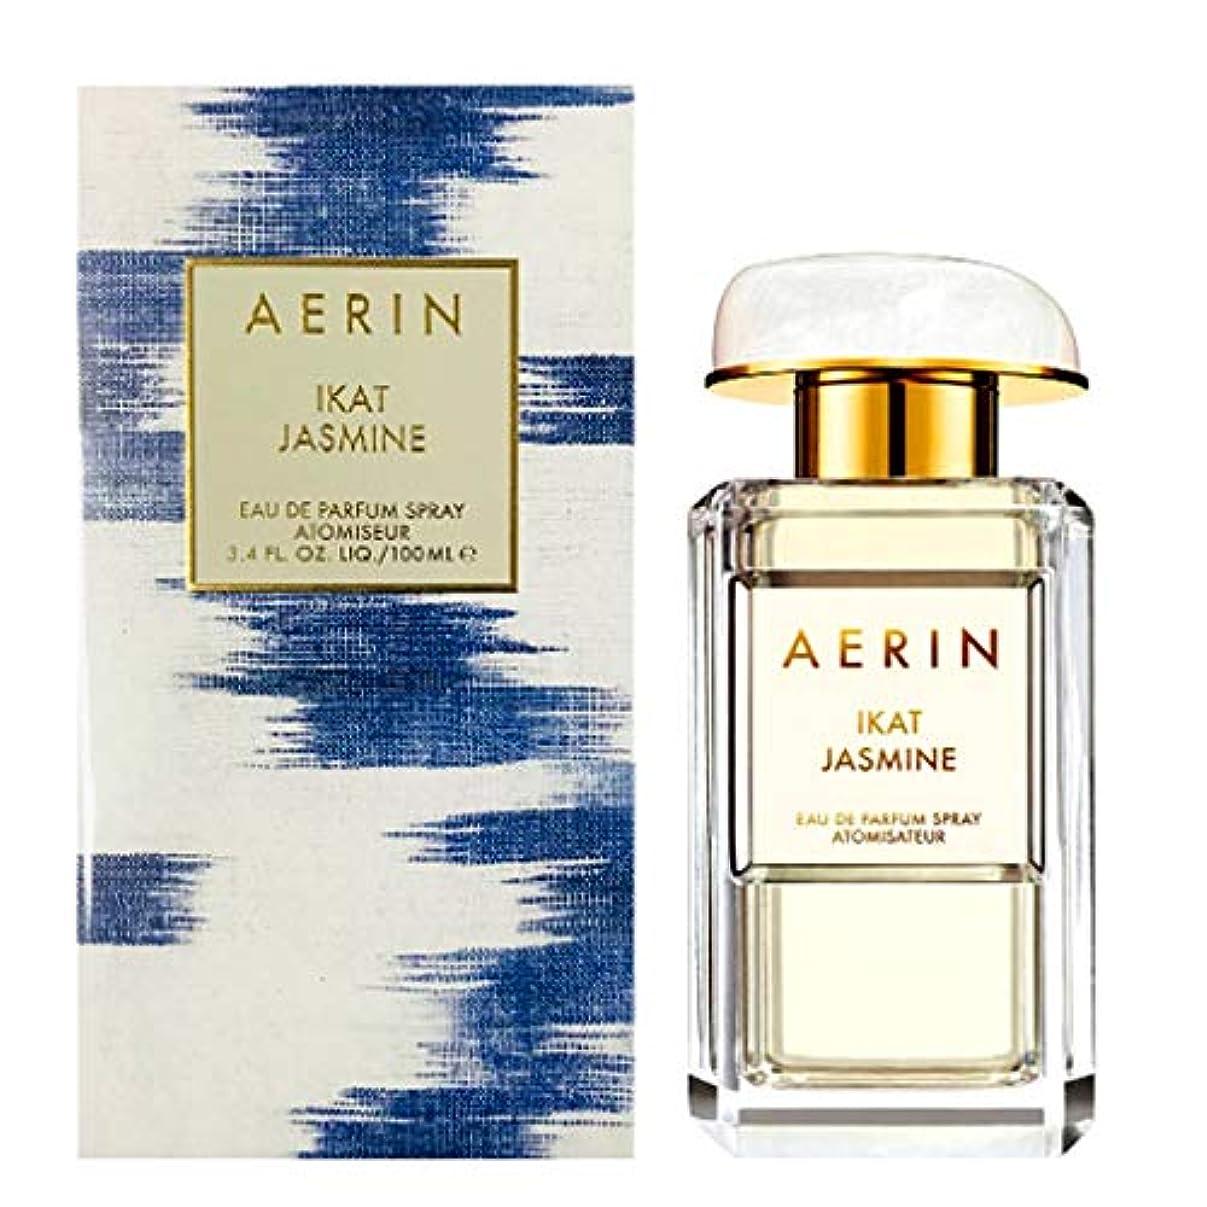 関係ないミュウミュウファイバAERIN 'Ikat Jasmine' (アエリン イカ ジャスミン) 3.4 oz (100ml) EDP Spray by エスティローダー(Estee Lauder) for Women